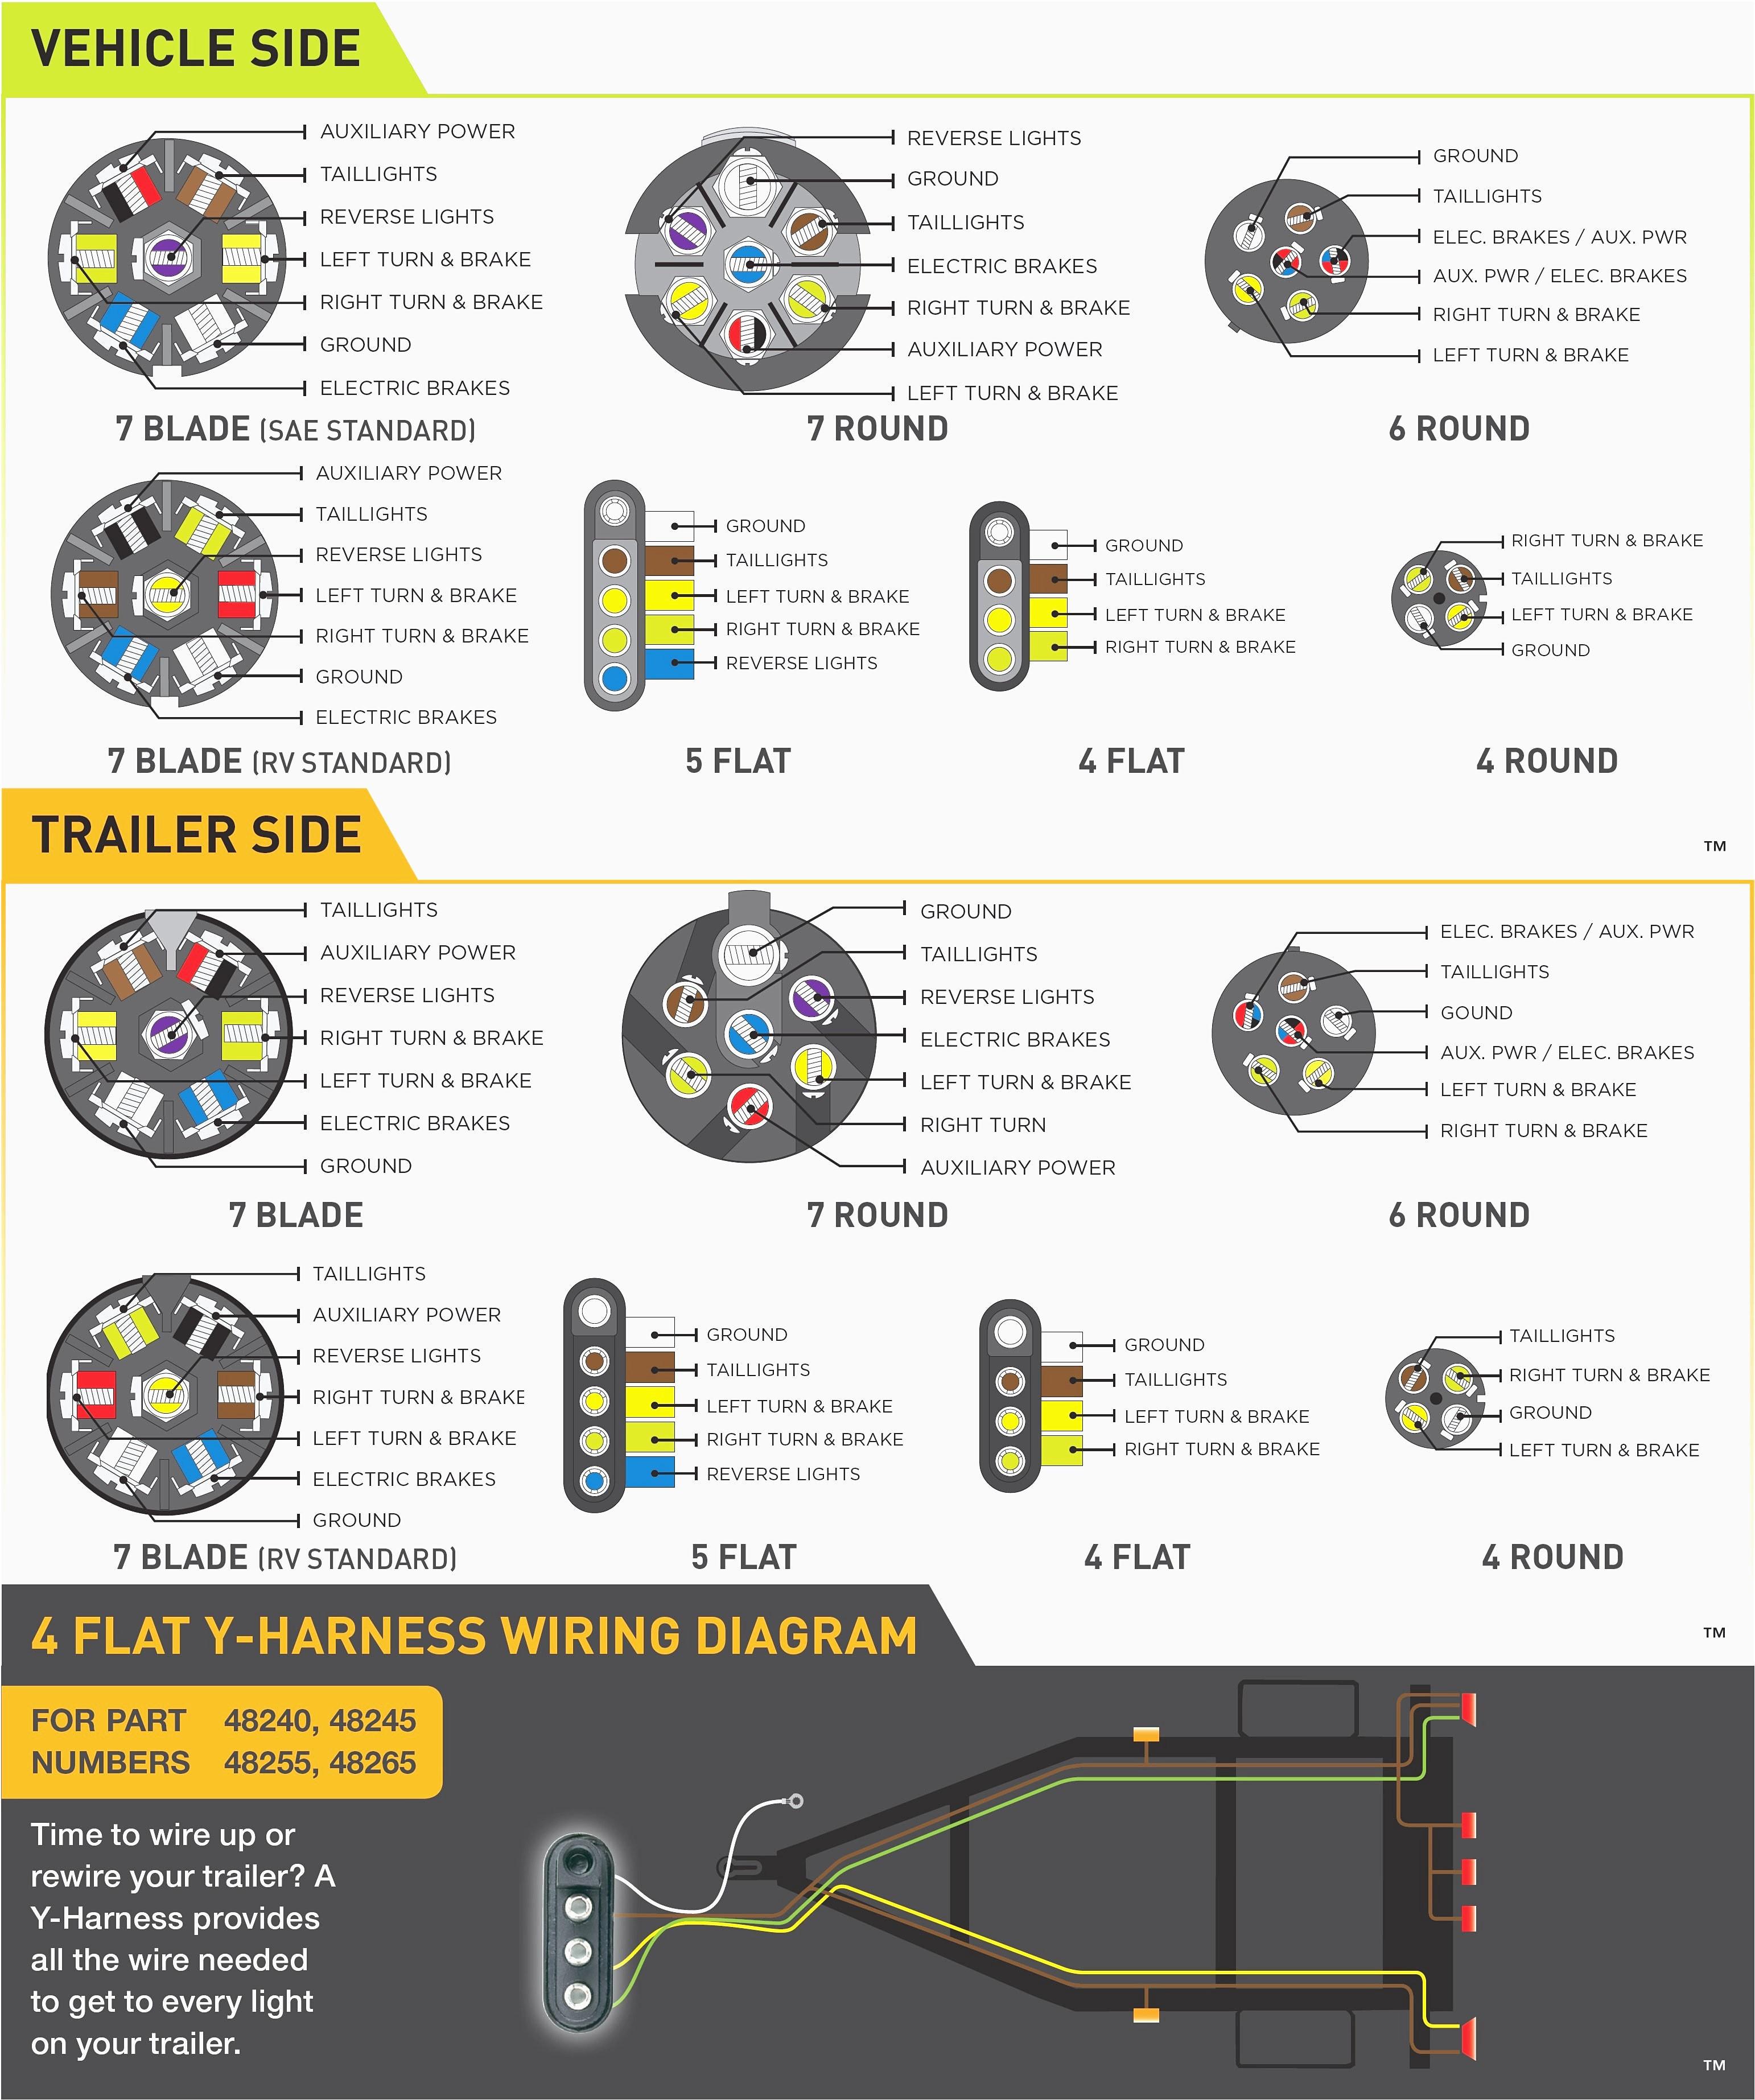 Ford Trailer Wiring Diagram 6 Pin Fresh Wiring Diagram 7 Pin To 7 - 6 Pin To 7 Pin Trailer Adapter Wiring Diagram